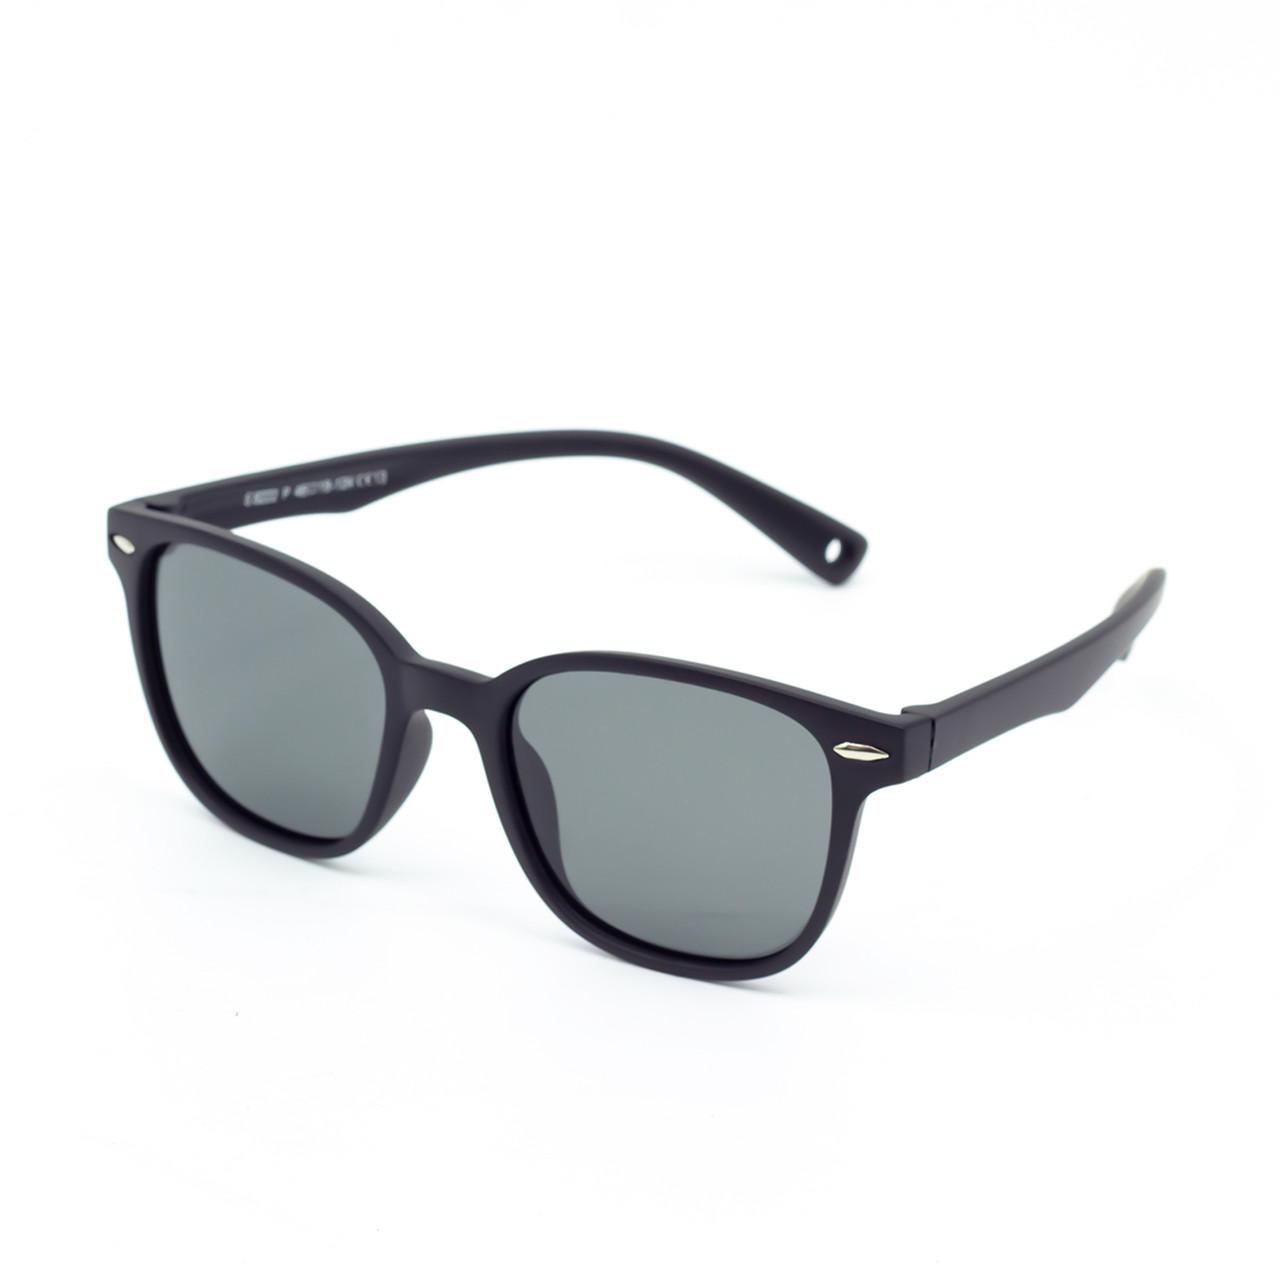 Солнцезащитные очки Marmilen Polar S8222P C13 черные  матовые  ( KAS8222P-13 )